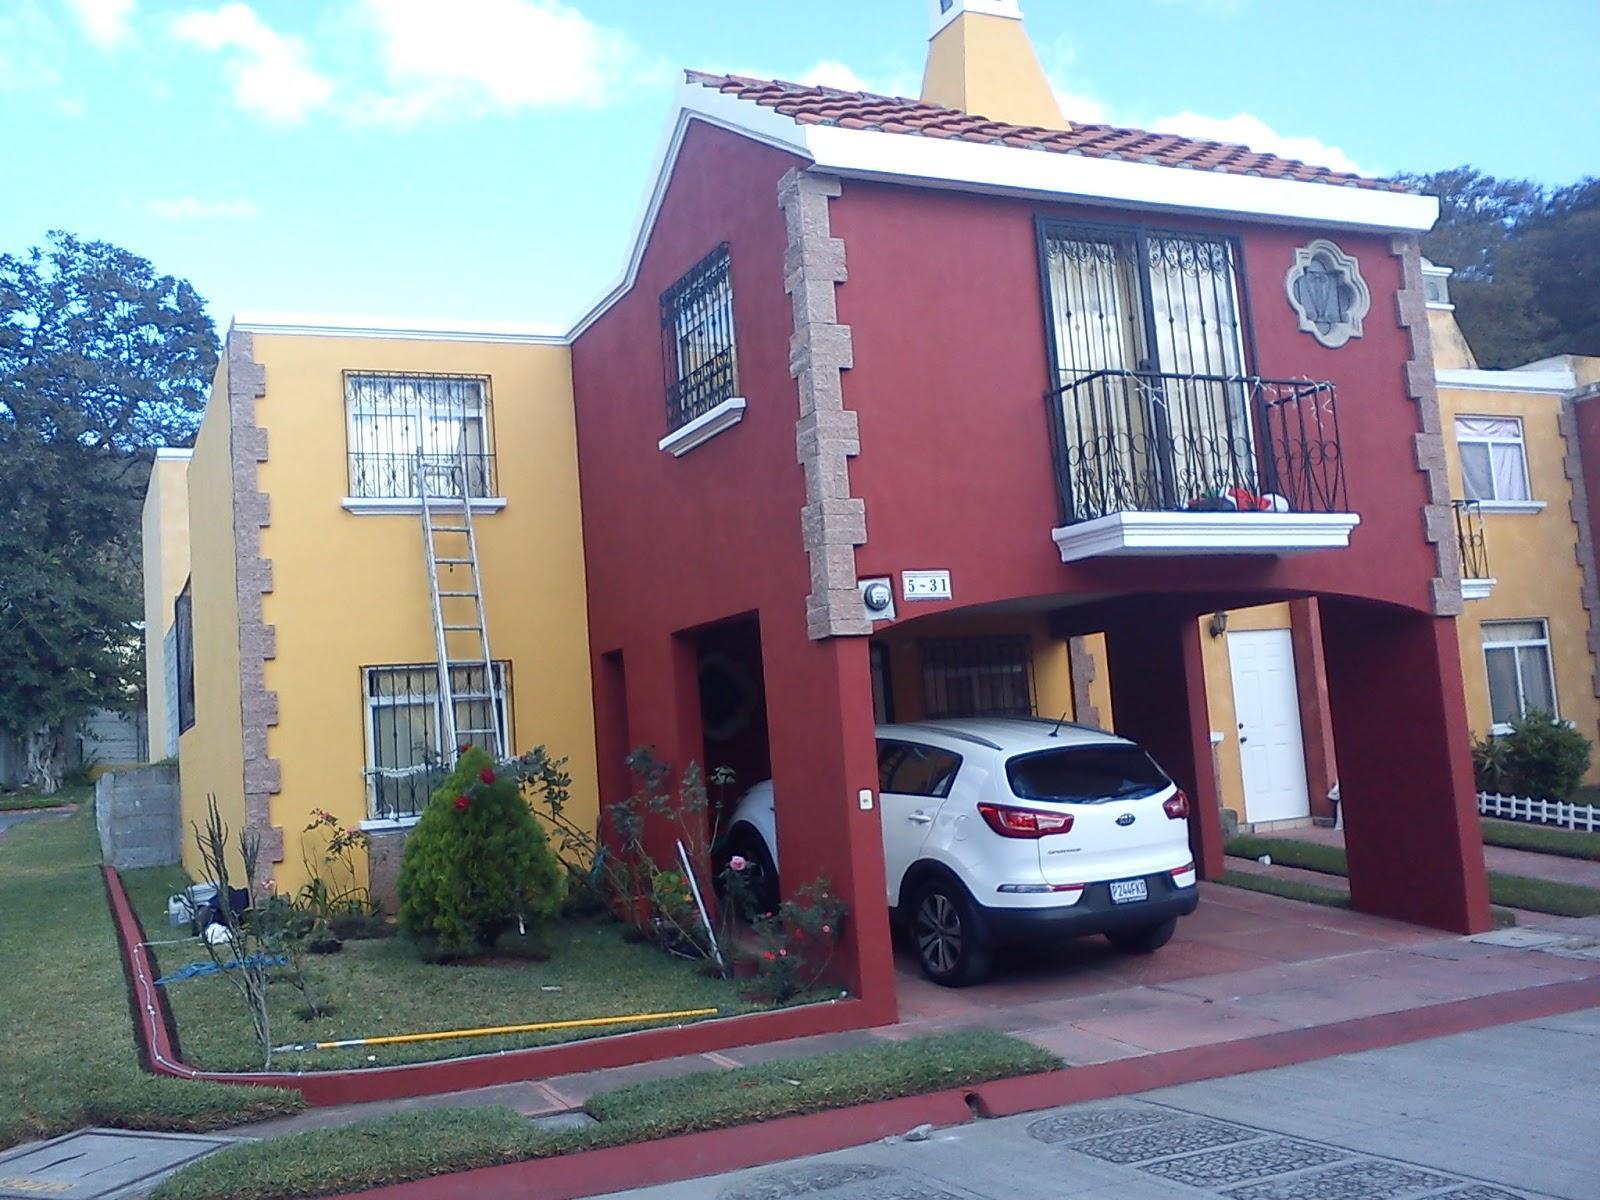 Guatemala pr spera comun cate ca adas pintura exterior - Pintura exterior colores ...